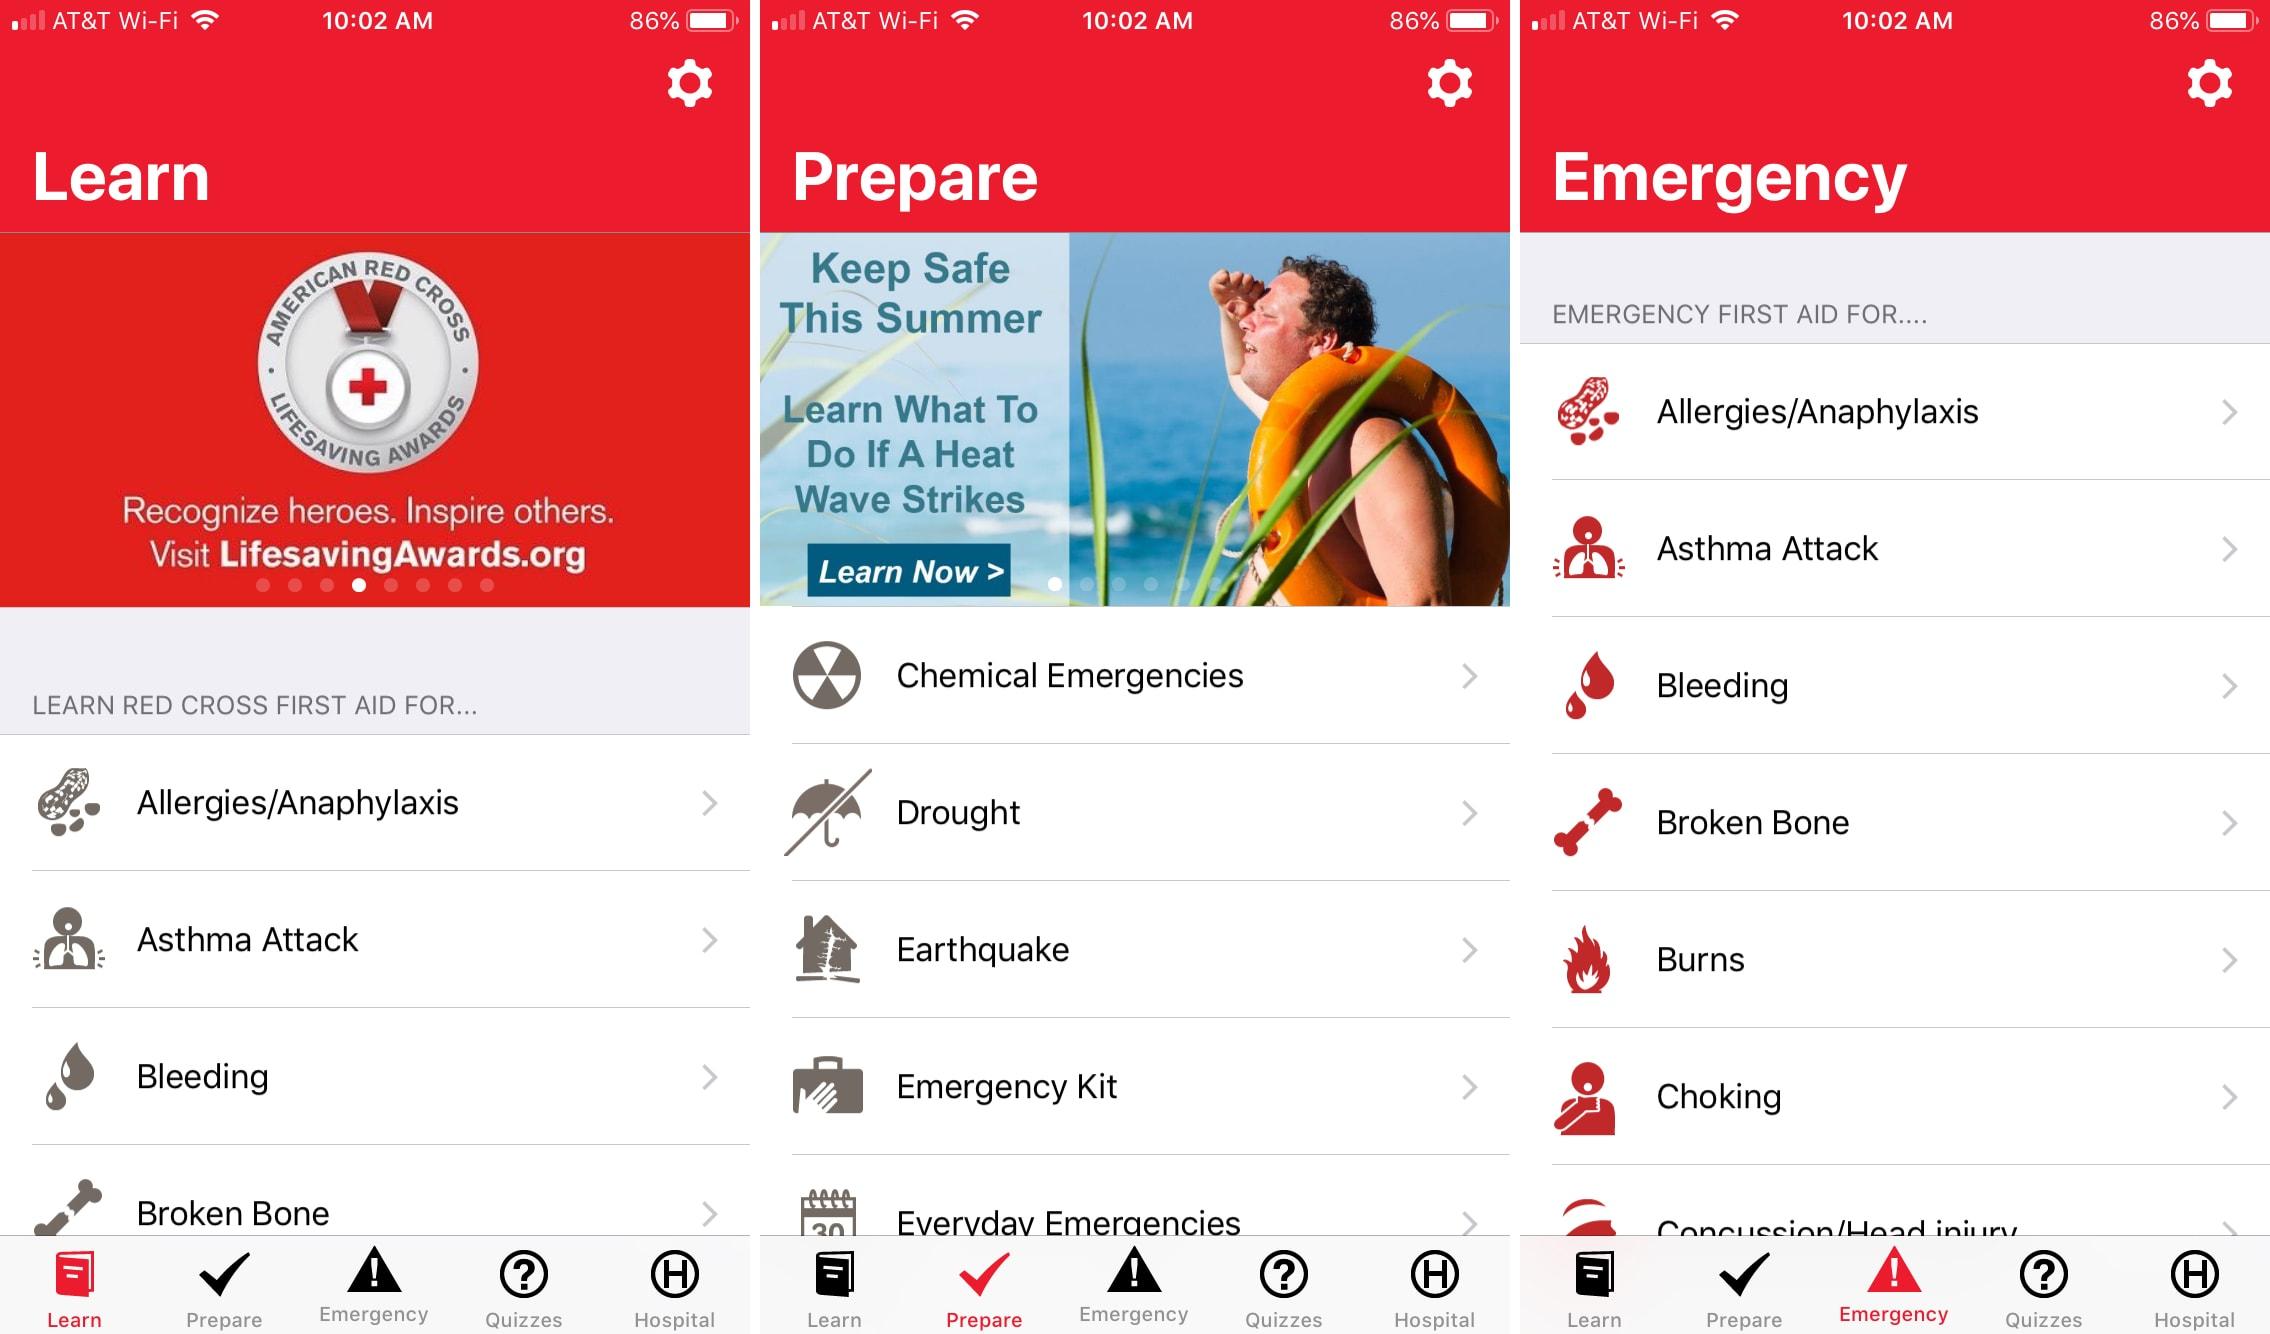 Aplicación iPhone de primeros auxilios de la Cruz Roja Americana